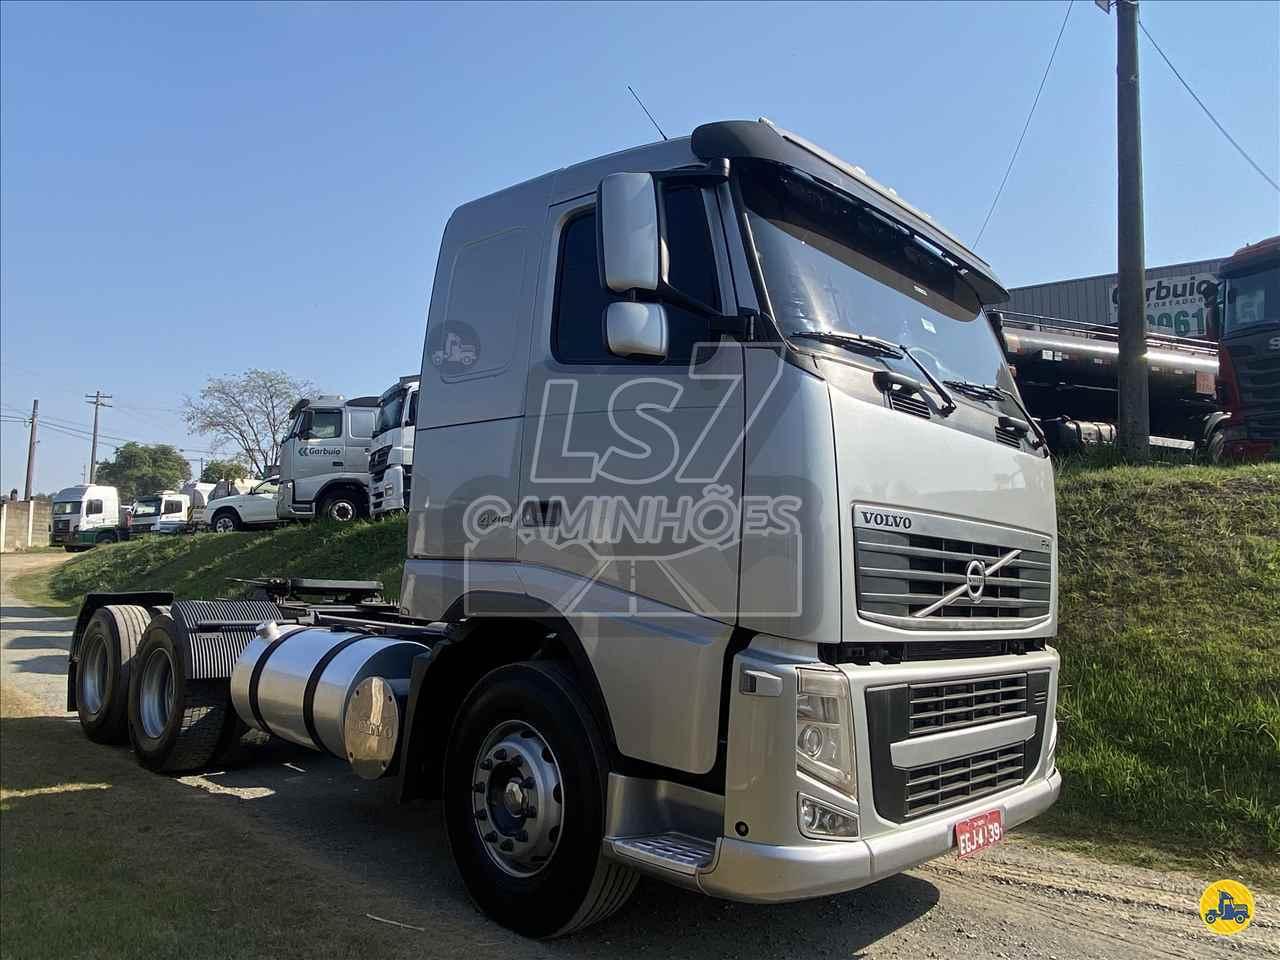 CAMINHAO VOLVO VOLVO FH 440 Cavalo Mecânico Truck 6x2 LS 7 Caminhões LIMEIRA SÃO PAULO SP